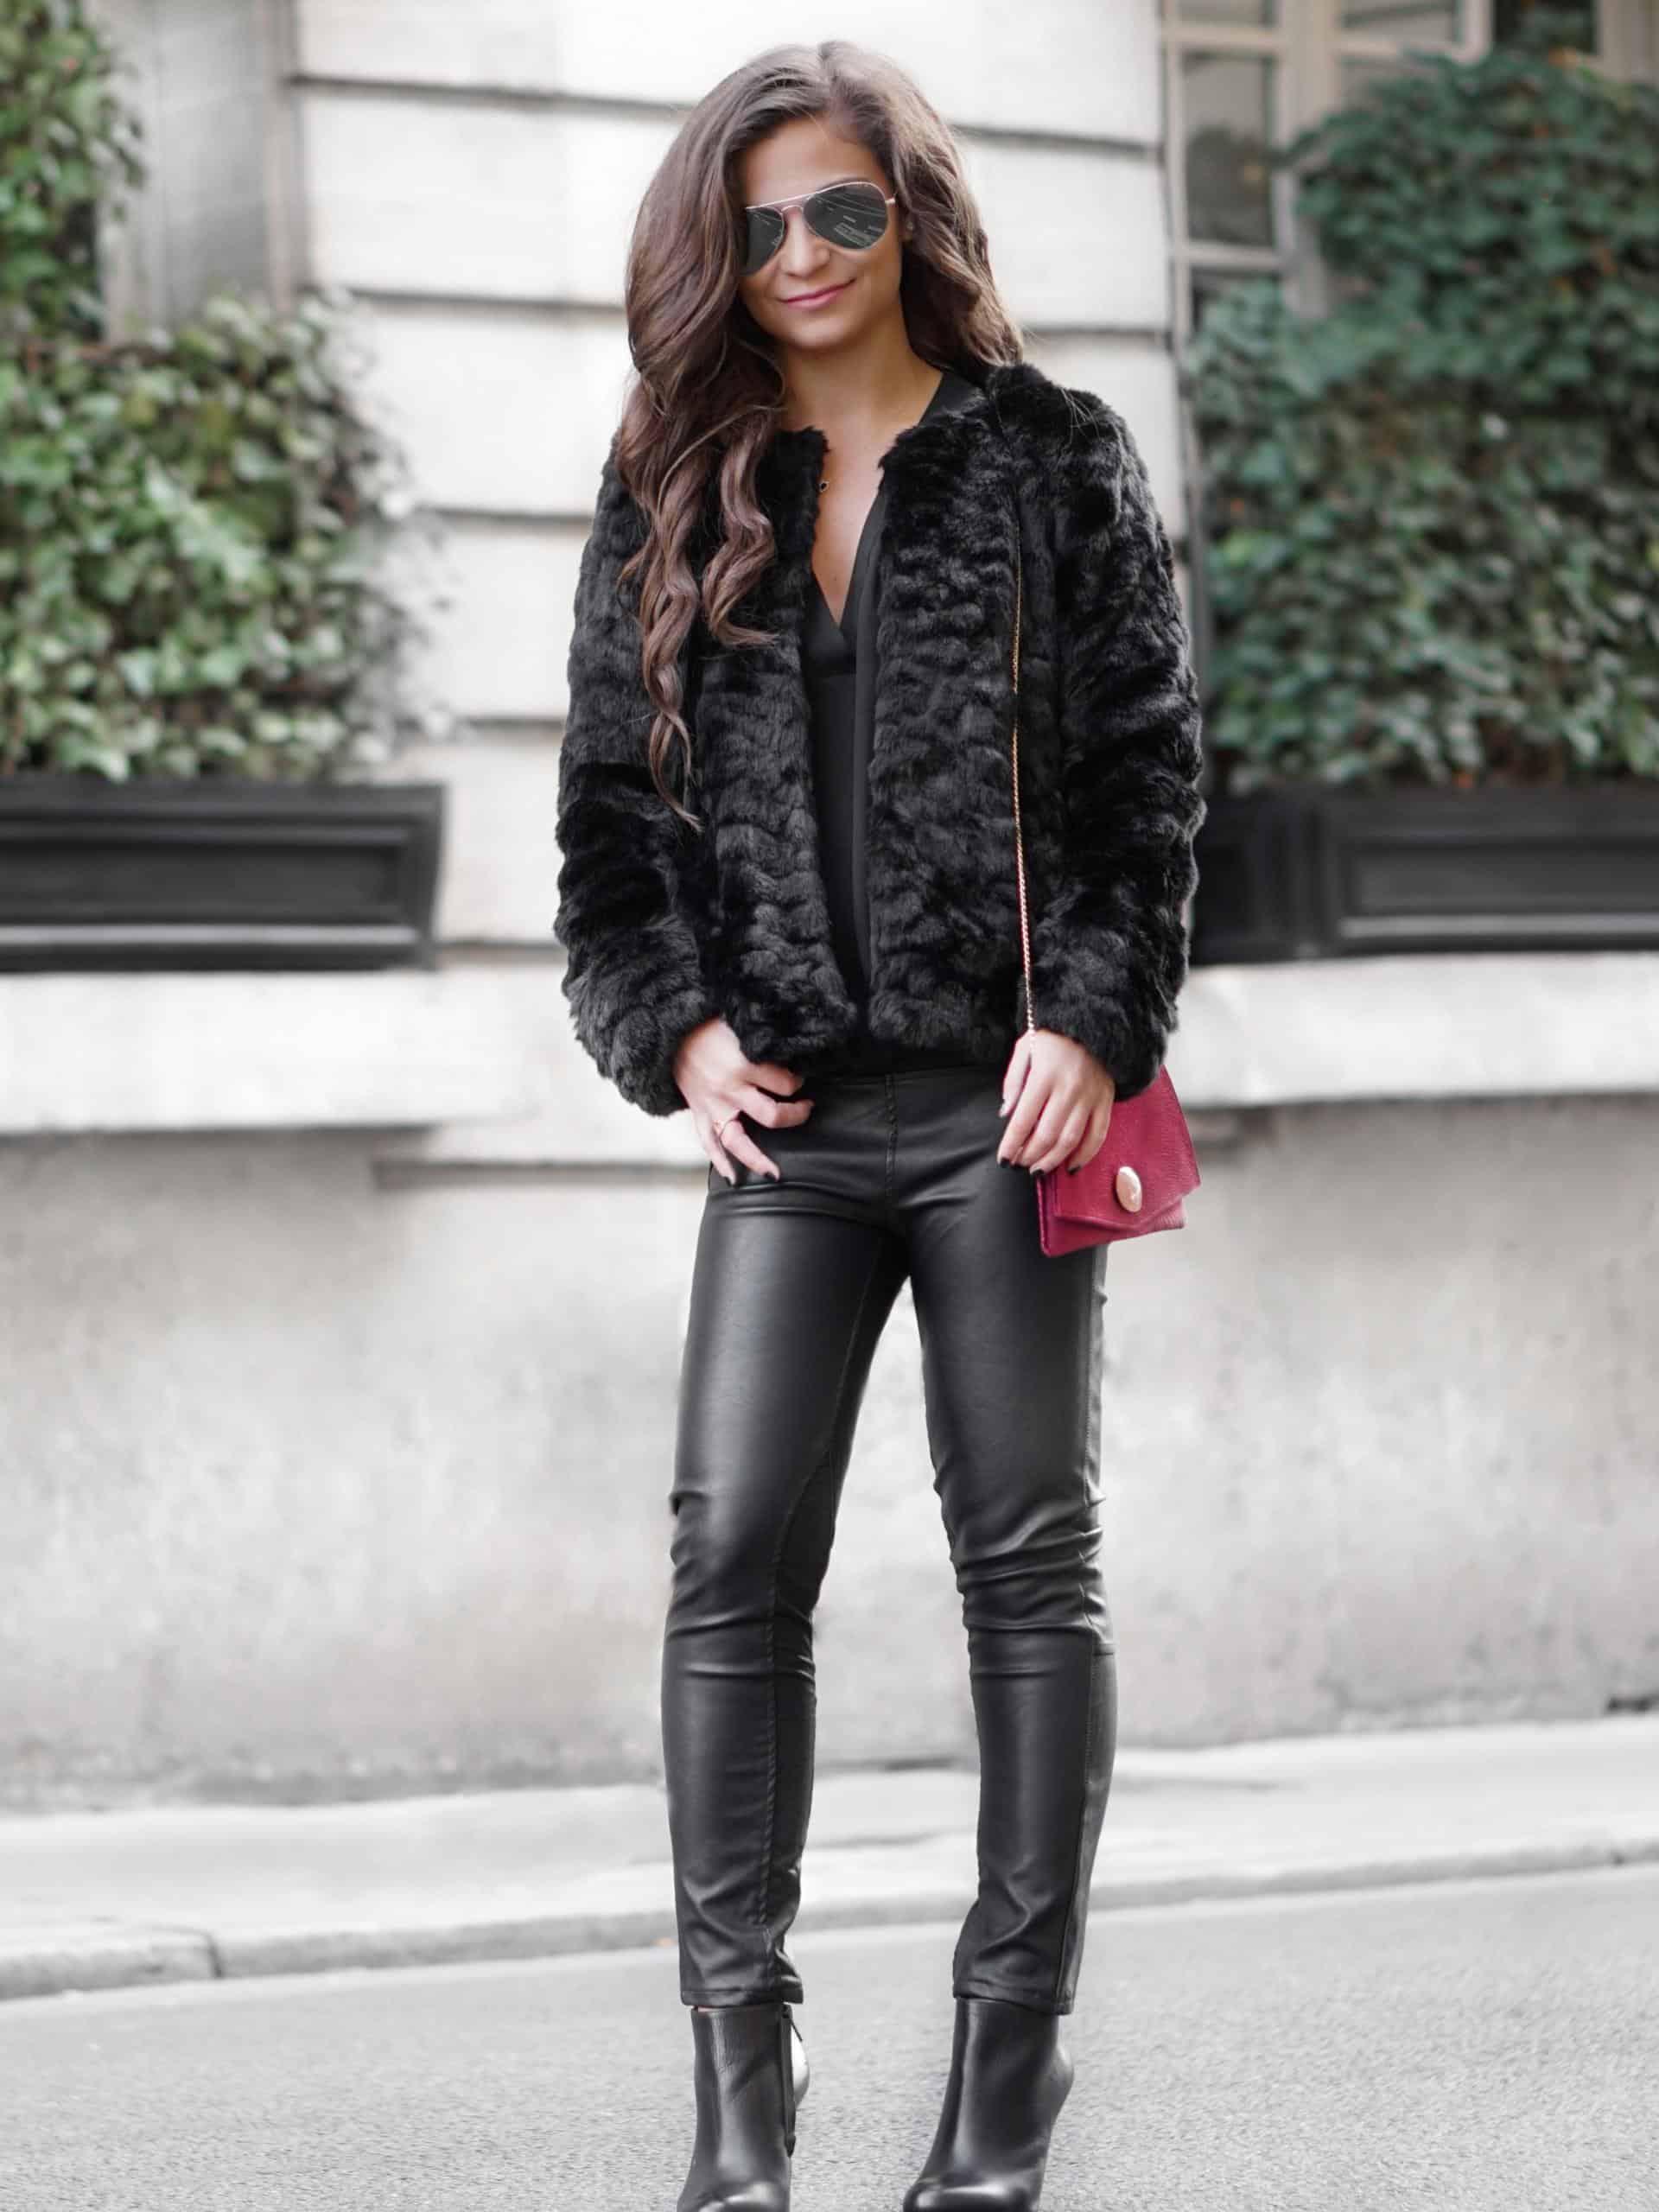 117e4ac1212c0a Faux Fur Jacket and Leather Pants • Petite in Paris